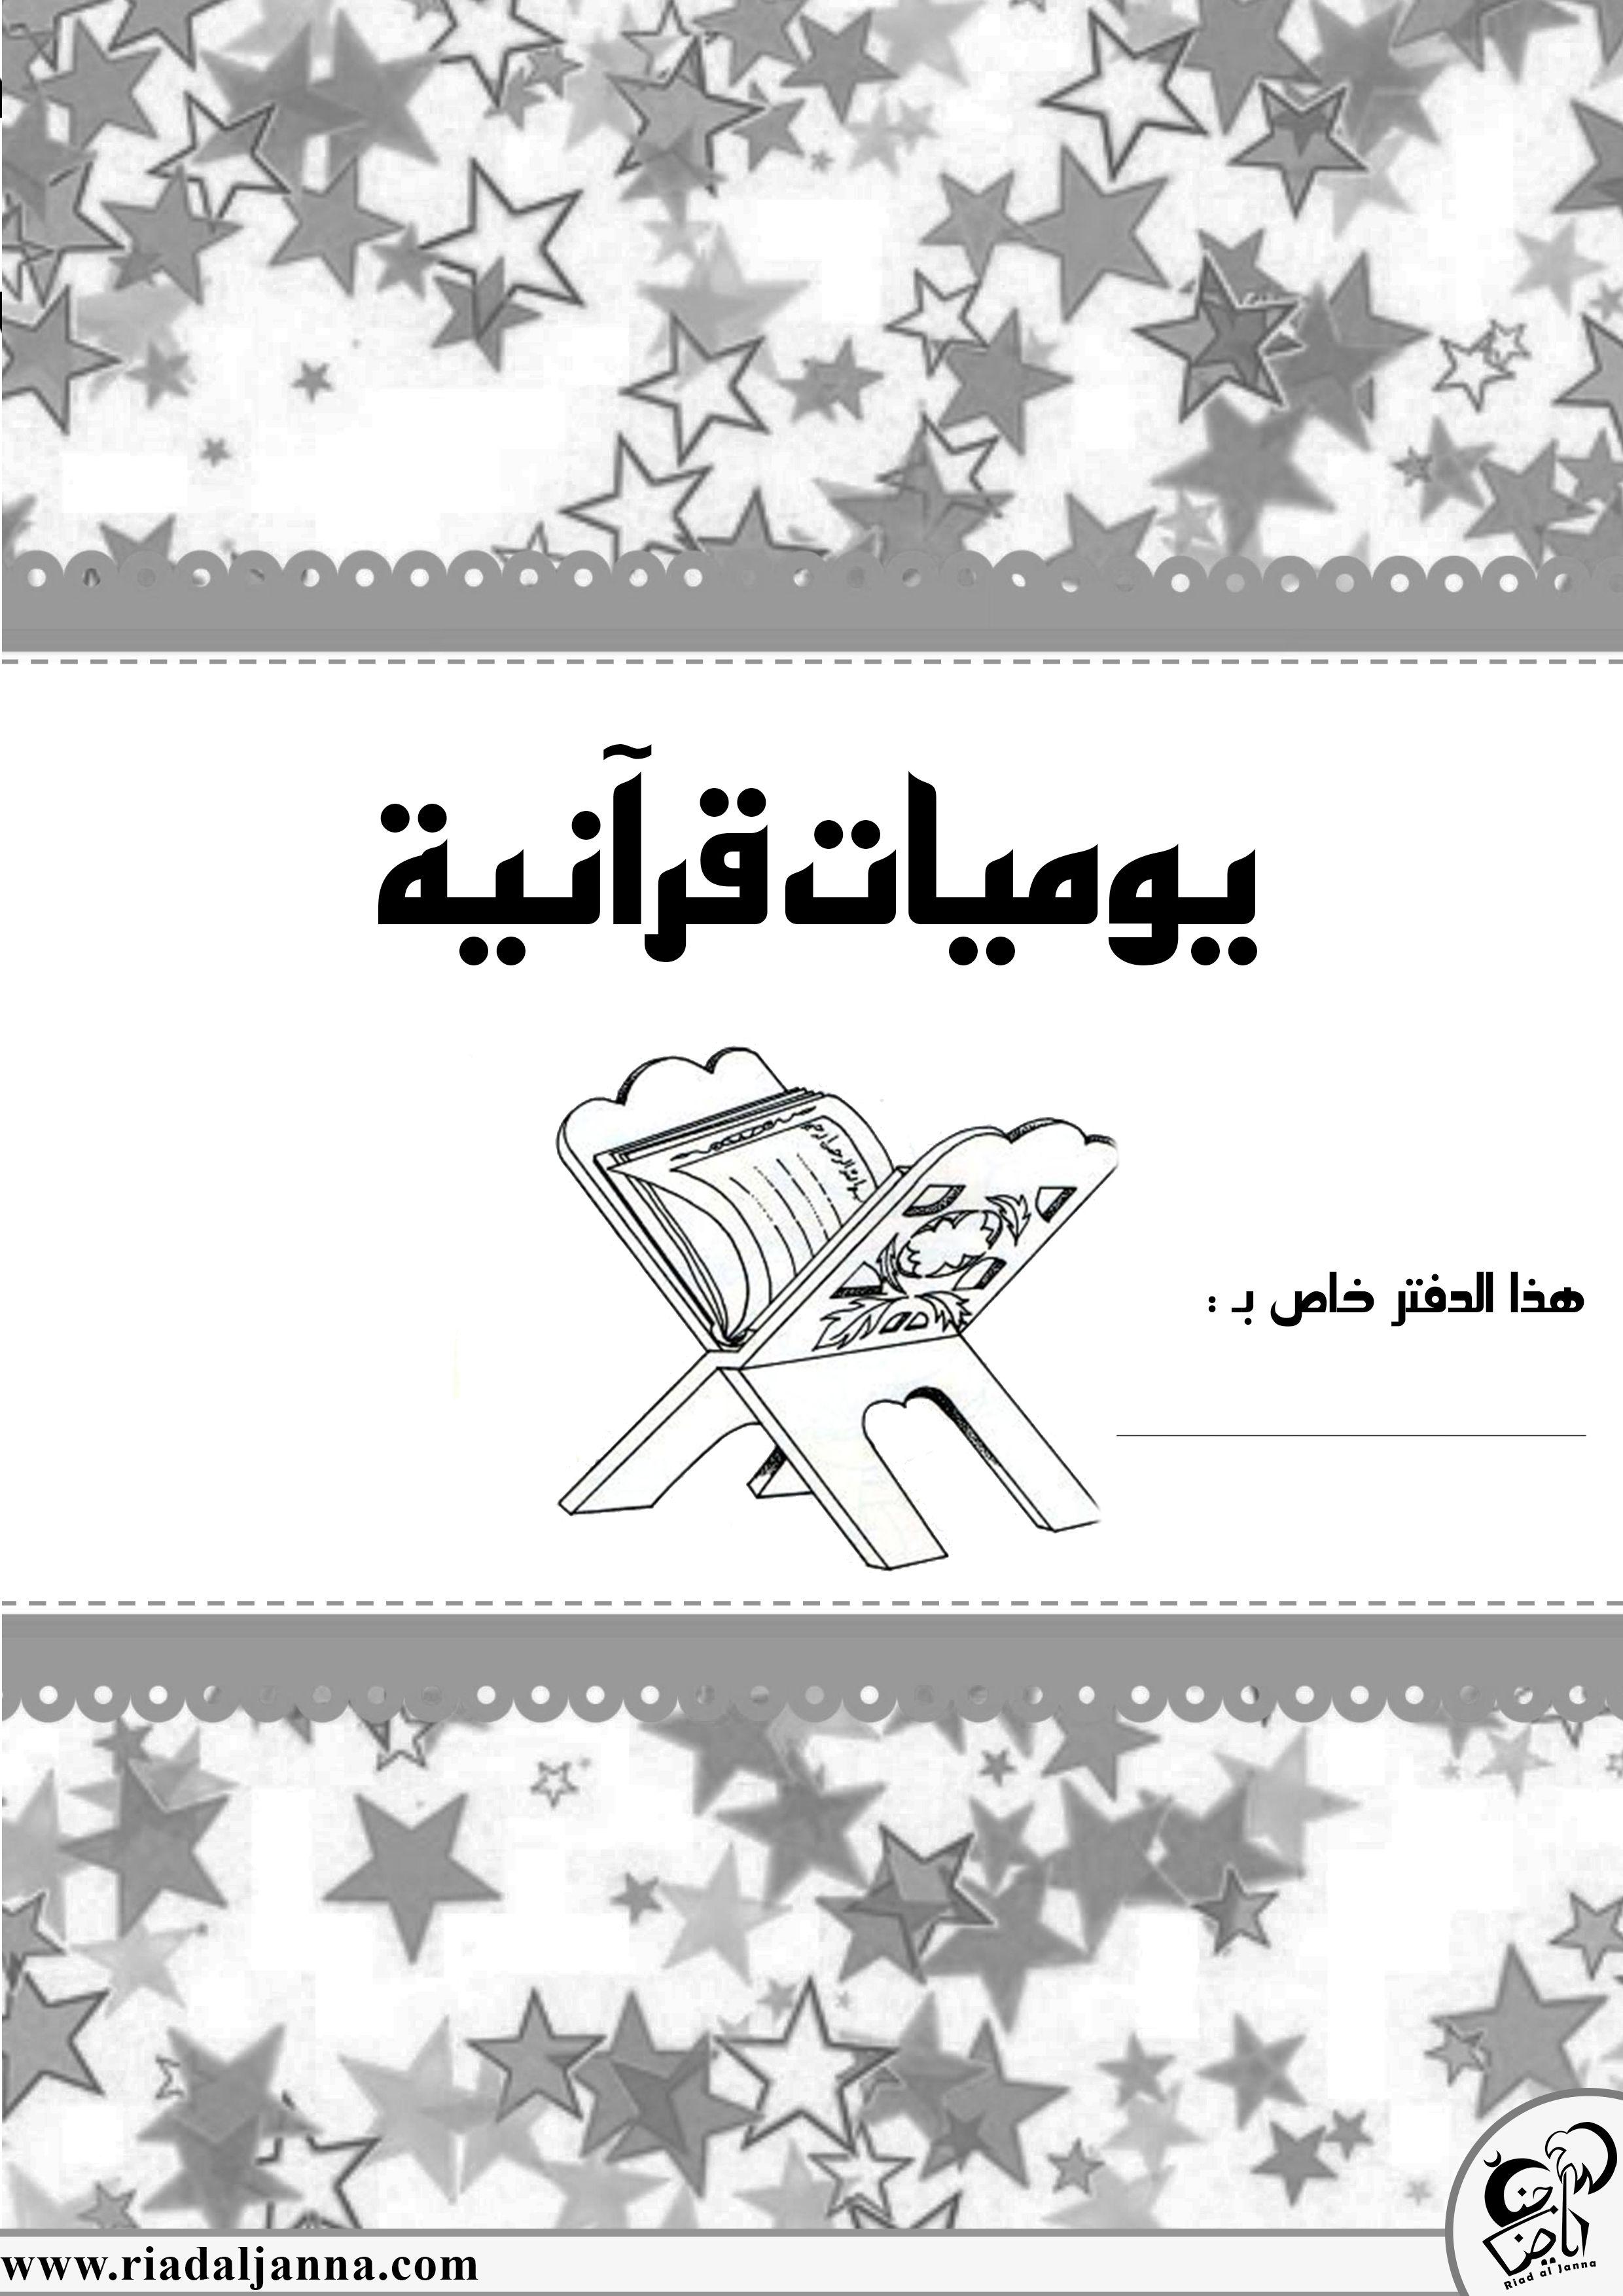 يوميات قرآنية دفتر لمتابعة حفظ القرآن الكريم رياض الجنة Muslim Kids Activities Muslim Kids Homeschool Activities